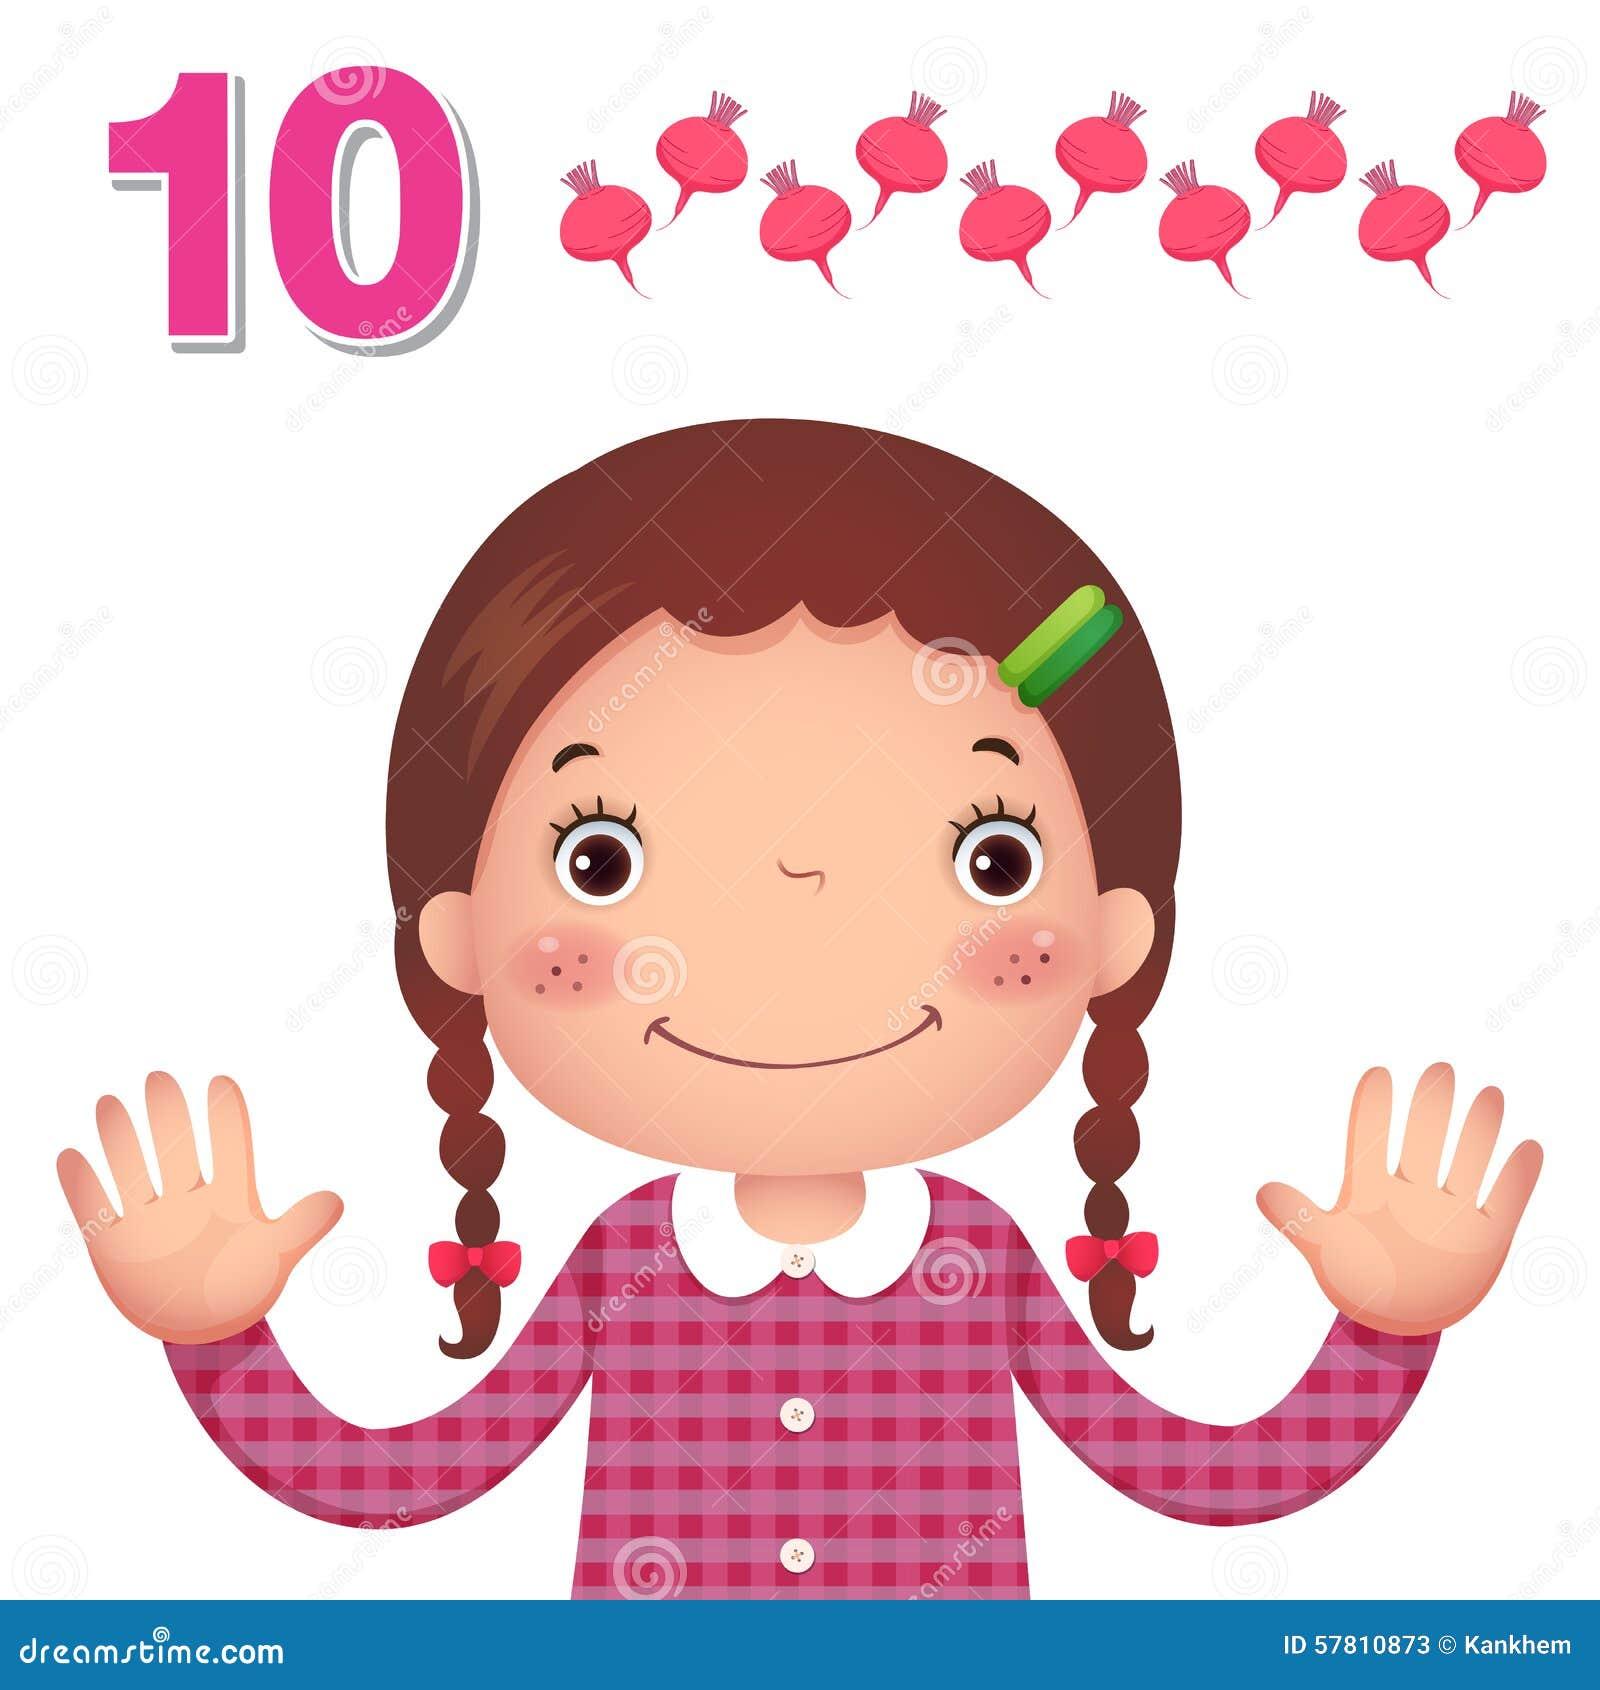 Lernen Sie Zahl und die Zählung mit kid's Hand, welche die Zahl t zeigt